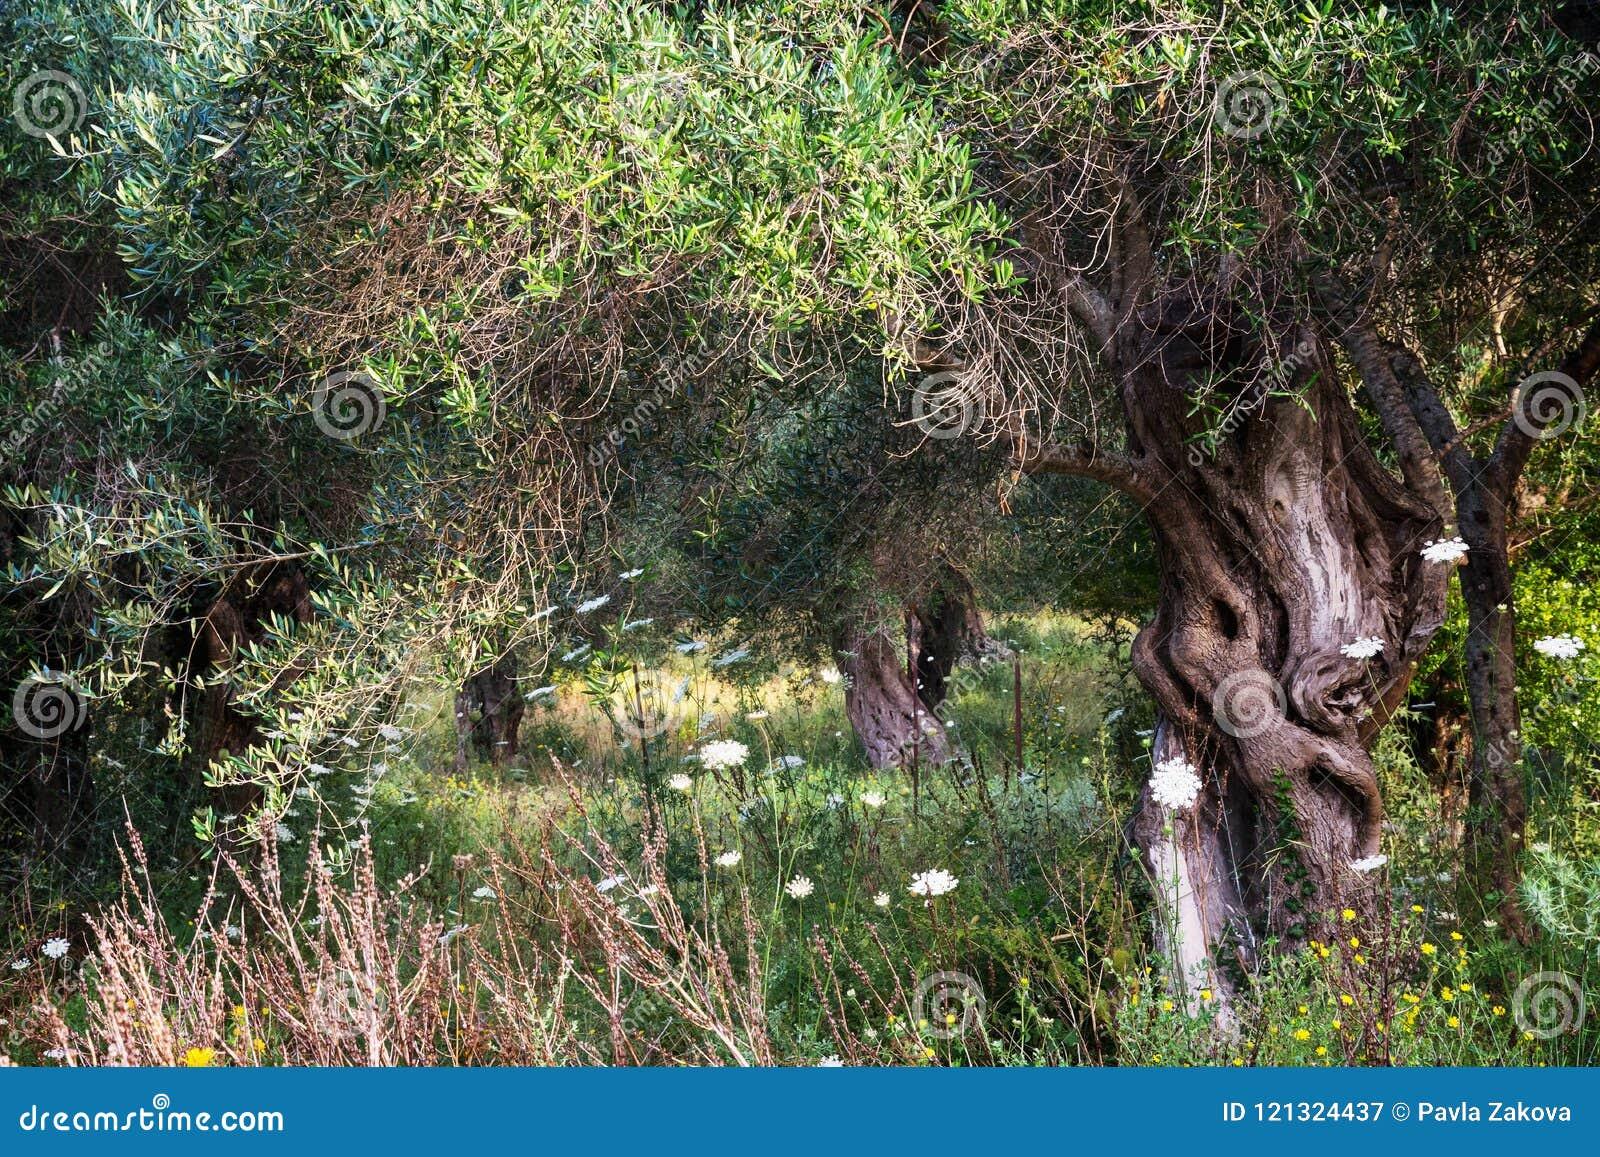 olive trees in rural garden - Mediterranean Garden